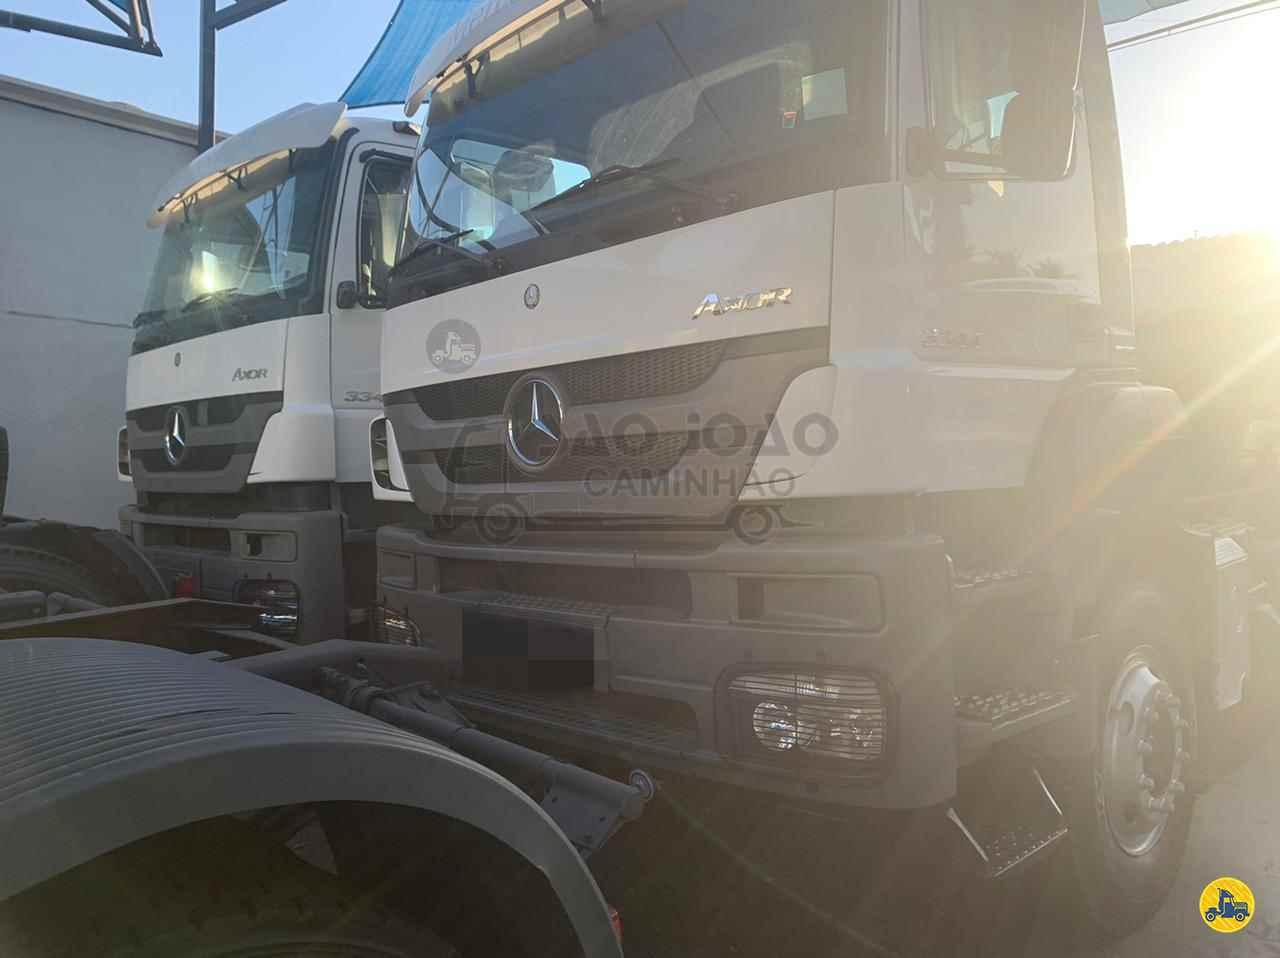 CAMINHAO MERCEDES-BENZ MB 3344 Plataforma Truck 6x2 São João Caminhão SAO JOAO DA BOA VISTA SÃO PAULO SP